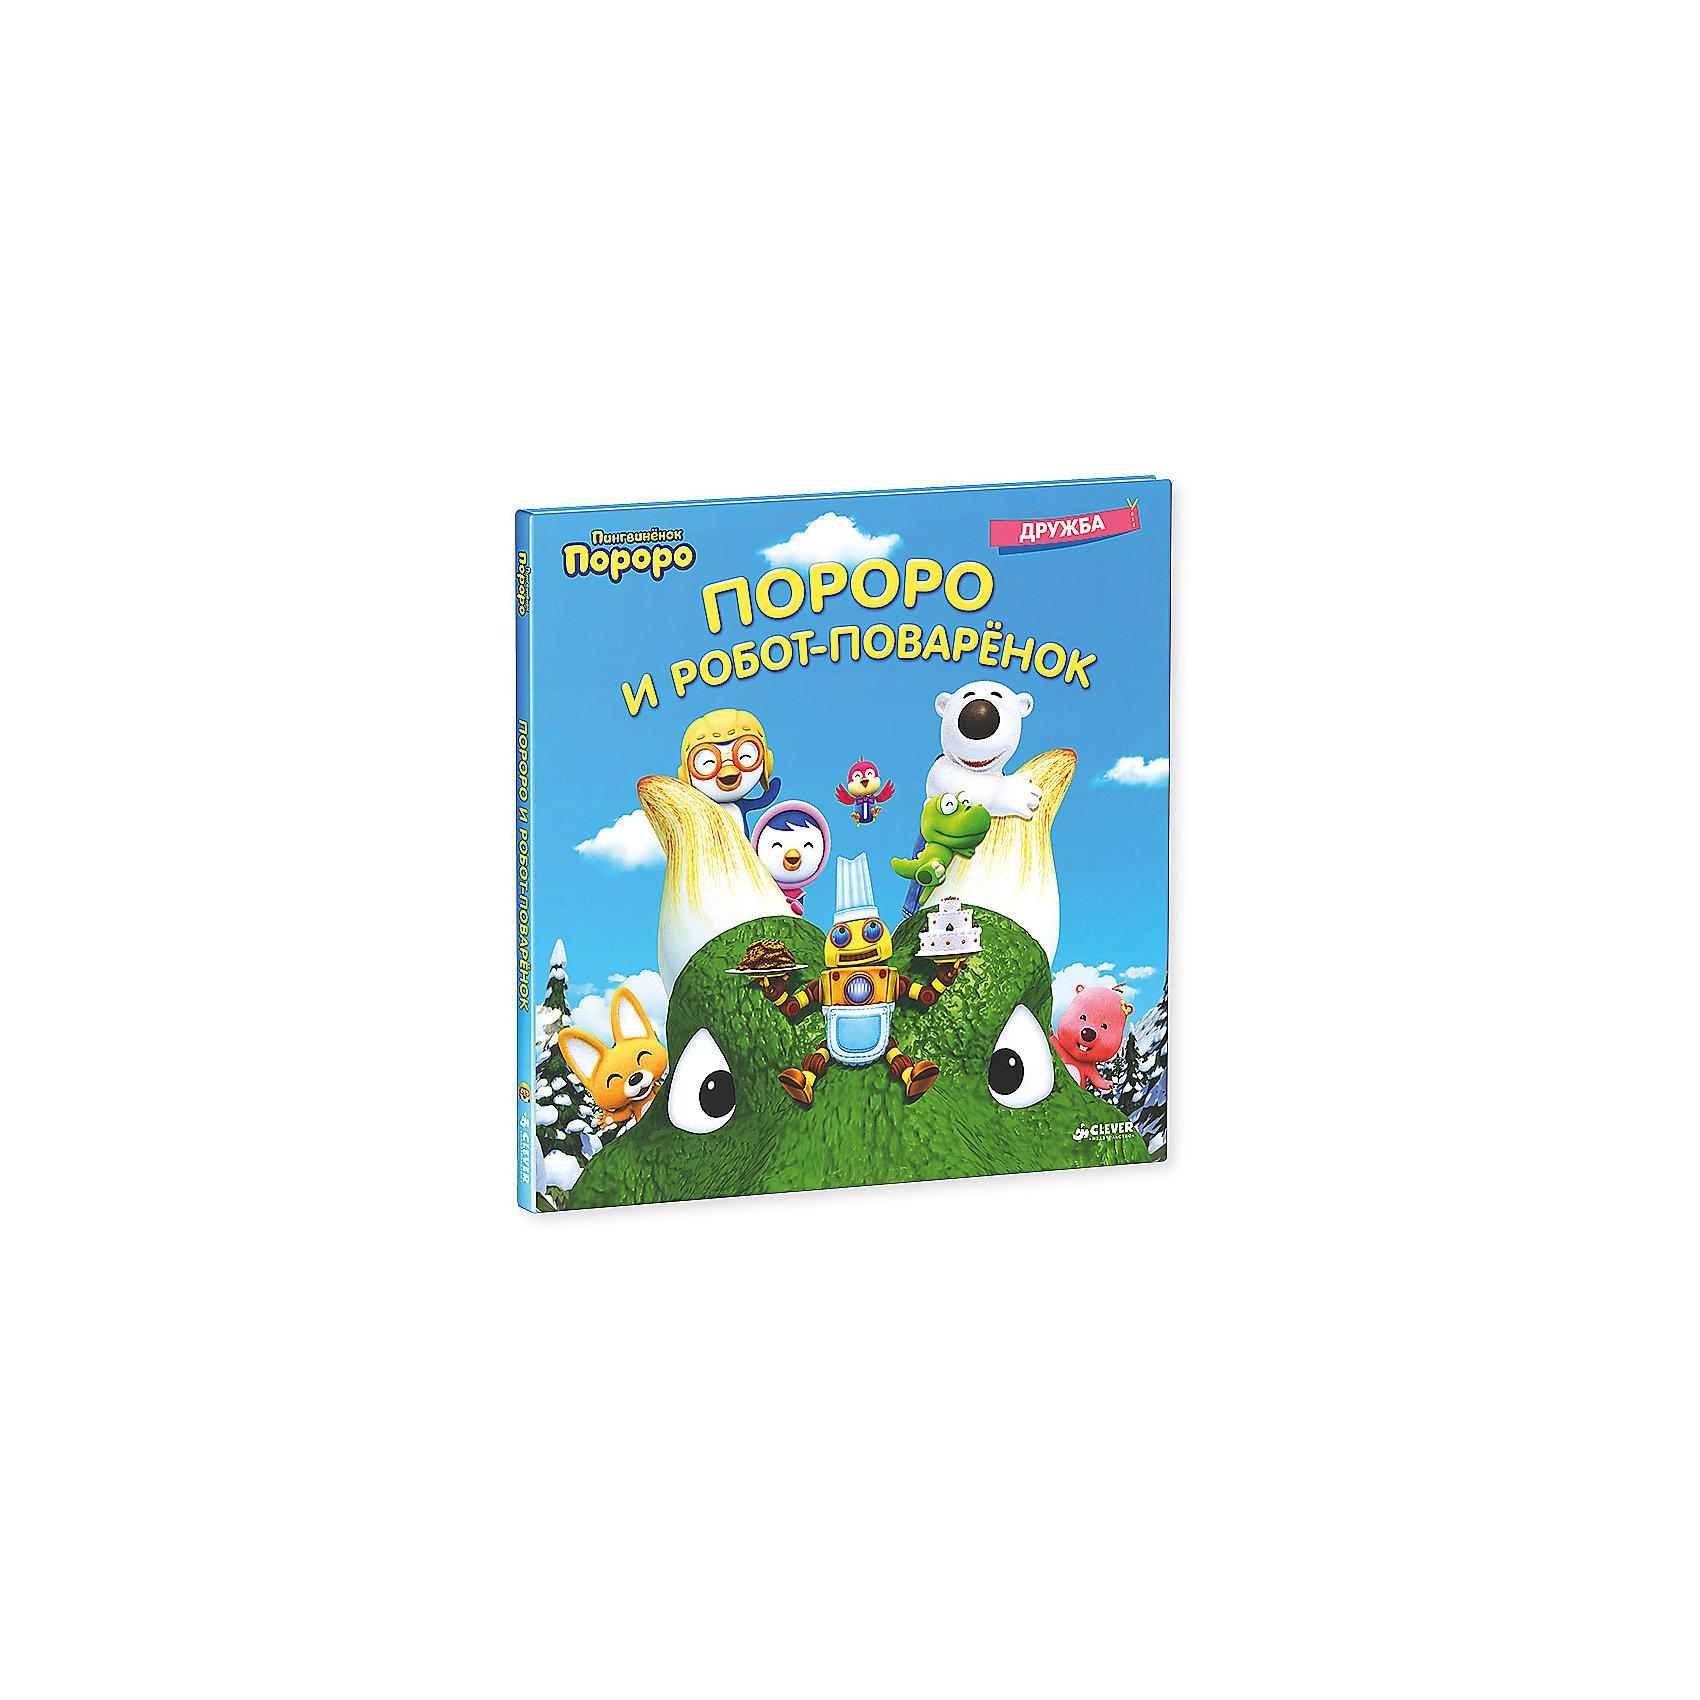 Книга Пингвинёнок Пороро. Пороро и Робот-поварёнокКнига Пингвинёнок Пороро. Пороро и Робот-поварёнок - это веселый и яркий рассказ из популярной серии изданий о пингвиненке Пороро и его друзьях. На это раз Вы познакомитесь с Рыжим лисёнком Эдди. Он настоящий учёный и постоянно что-то изобретает. Вот и сегодня он собрал Робота-поварёнка, которого невозможно остановить! Мультфильмы про пингвинёнка Пороро и его друзей пользуются любовью и популярностью во многих странах мира. Герои мультика также ссорятся и мирятся, играют и мечтают, живут своими повседневными заботами. Даже самые непослушные и упрямые ребята слушаются Пороро, потому что он завоевал их сердца. Ведь он совсем не супергерой, а просто маленький пингвинёнок, который может ошибаться так же, как и они. Яркие иллюстрации, увлекательная история и интересные задания в конце сказки делают это издание идеальным чтением для малышей. Рекомендовано детям 2-5 лет.<br><br>Дополнительная информация:<br><br>- Серия: Пингвиненок Порорро.  <br>- Переводчики: Е. Овчинникова, Ю. Ратиева.<br>- Переплет: твердая обложка.<br>- Иллюстрации: цветные.<br>- Объем: 32 стр. <br>- Размер: 25,5 x 25,2 x 1 см.<br>- Вес: 0,352 кг. <br><br>Книгу Пингвинёнок Пороро. Пороро и Робот-поварёнок, Клевер Медиа Групп, можно купить в нашем интернет-магазине.<br><br>Ширина мм: 245<br>Глубина мм: 245<br>Высота мм: 11<br>Вес г: 343<br>Возраст от месяцев: 48<br>Возраст до месяцев: 72<br>Пол: Унисекс<br>Возраст: Детский<br>SKU: 4501126